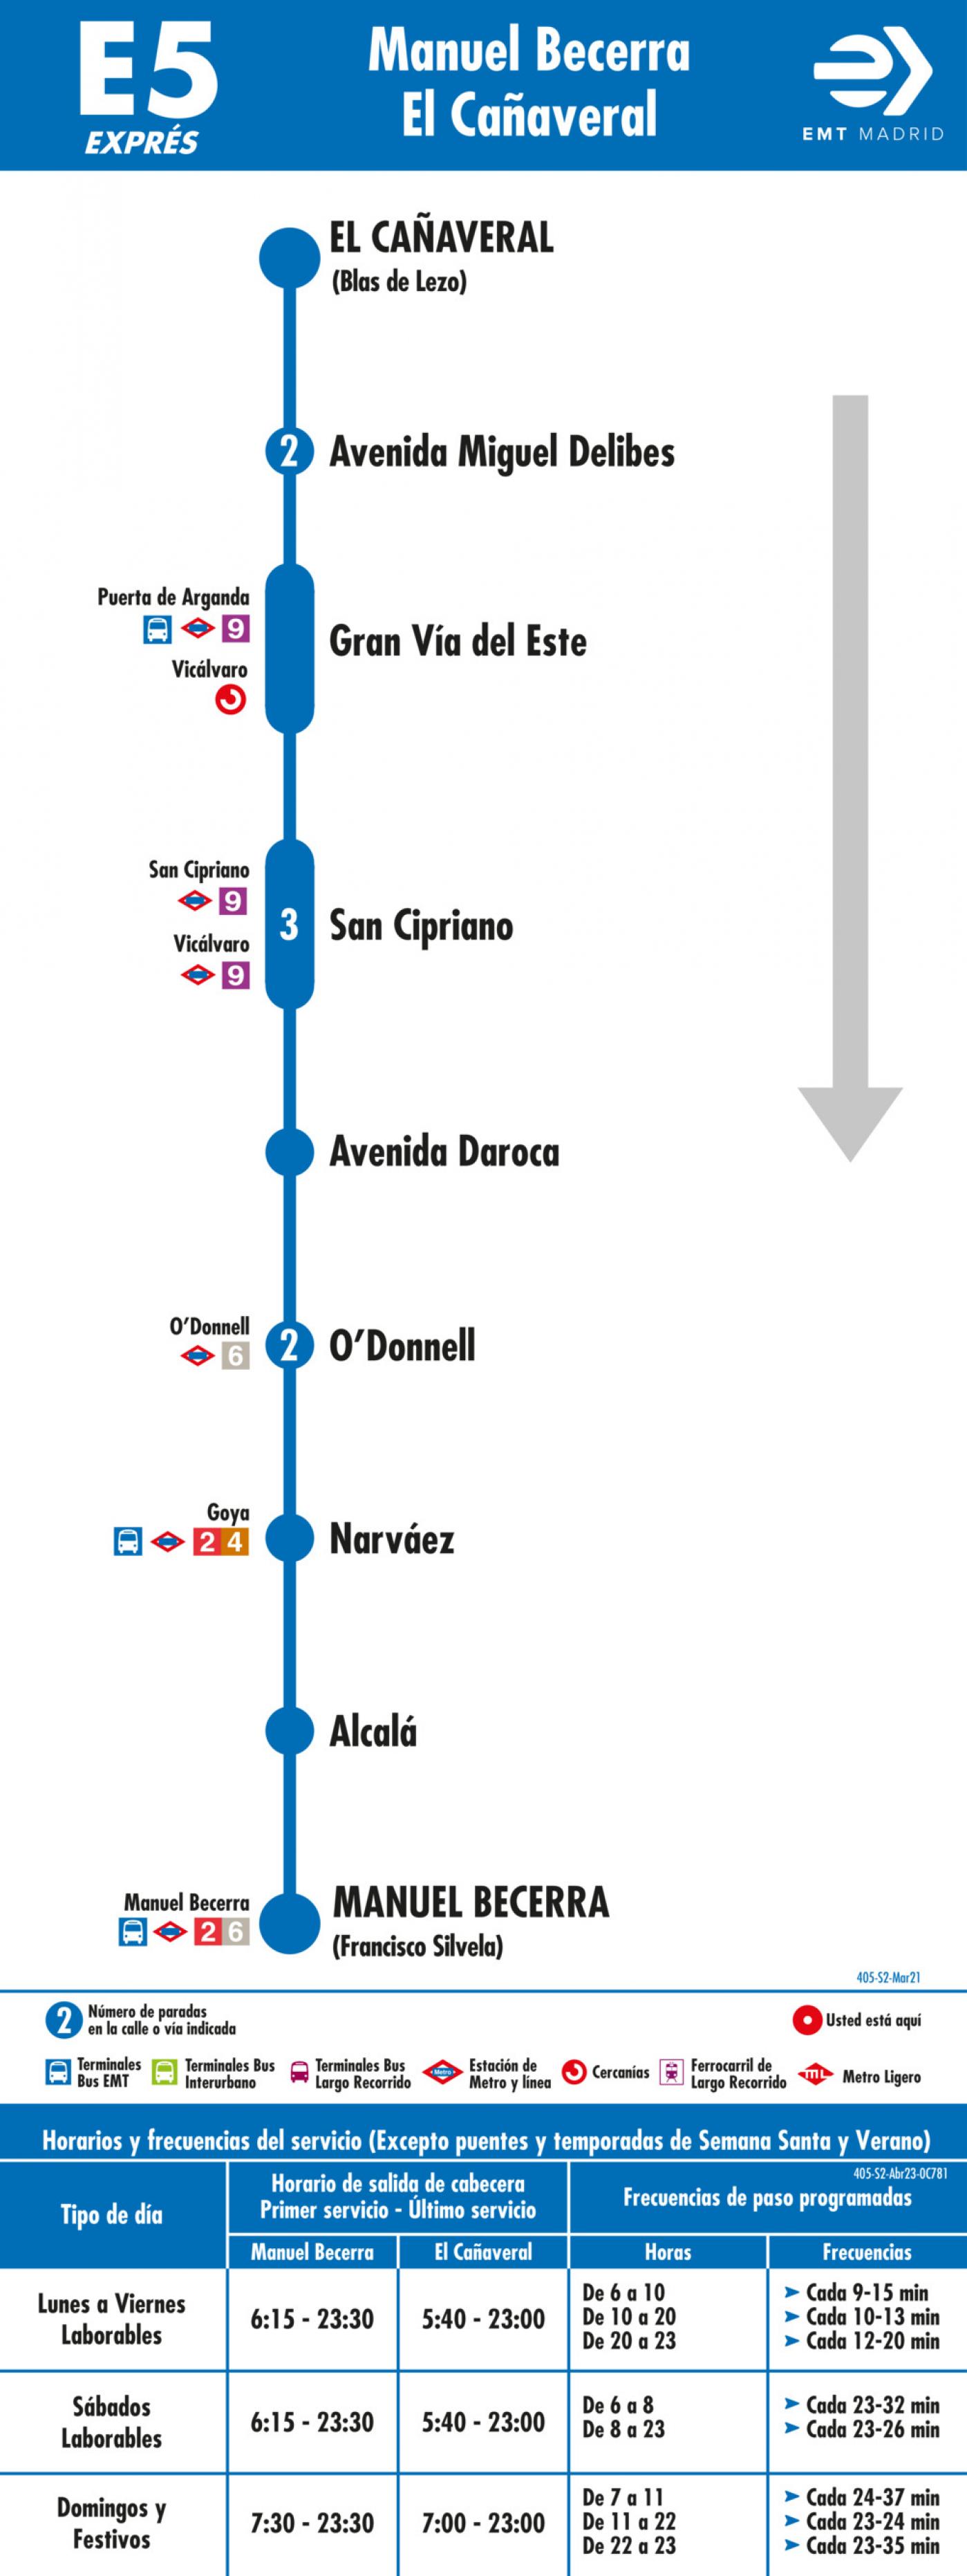 Tabla de horarios y frecuencias de paso en sentido ida Línea E5: Plaza de Manuel Becerra - El Cañaveral